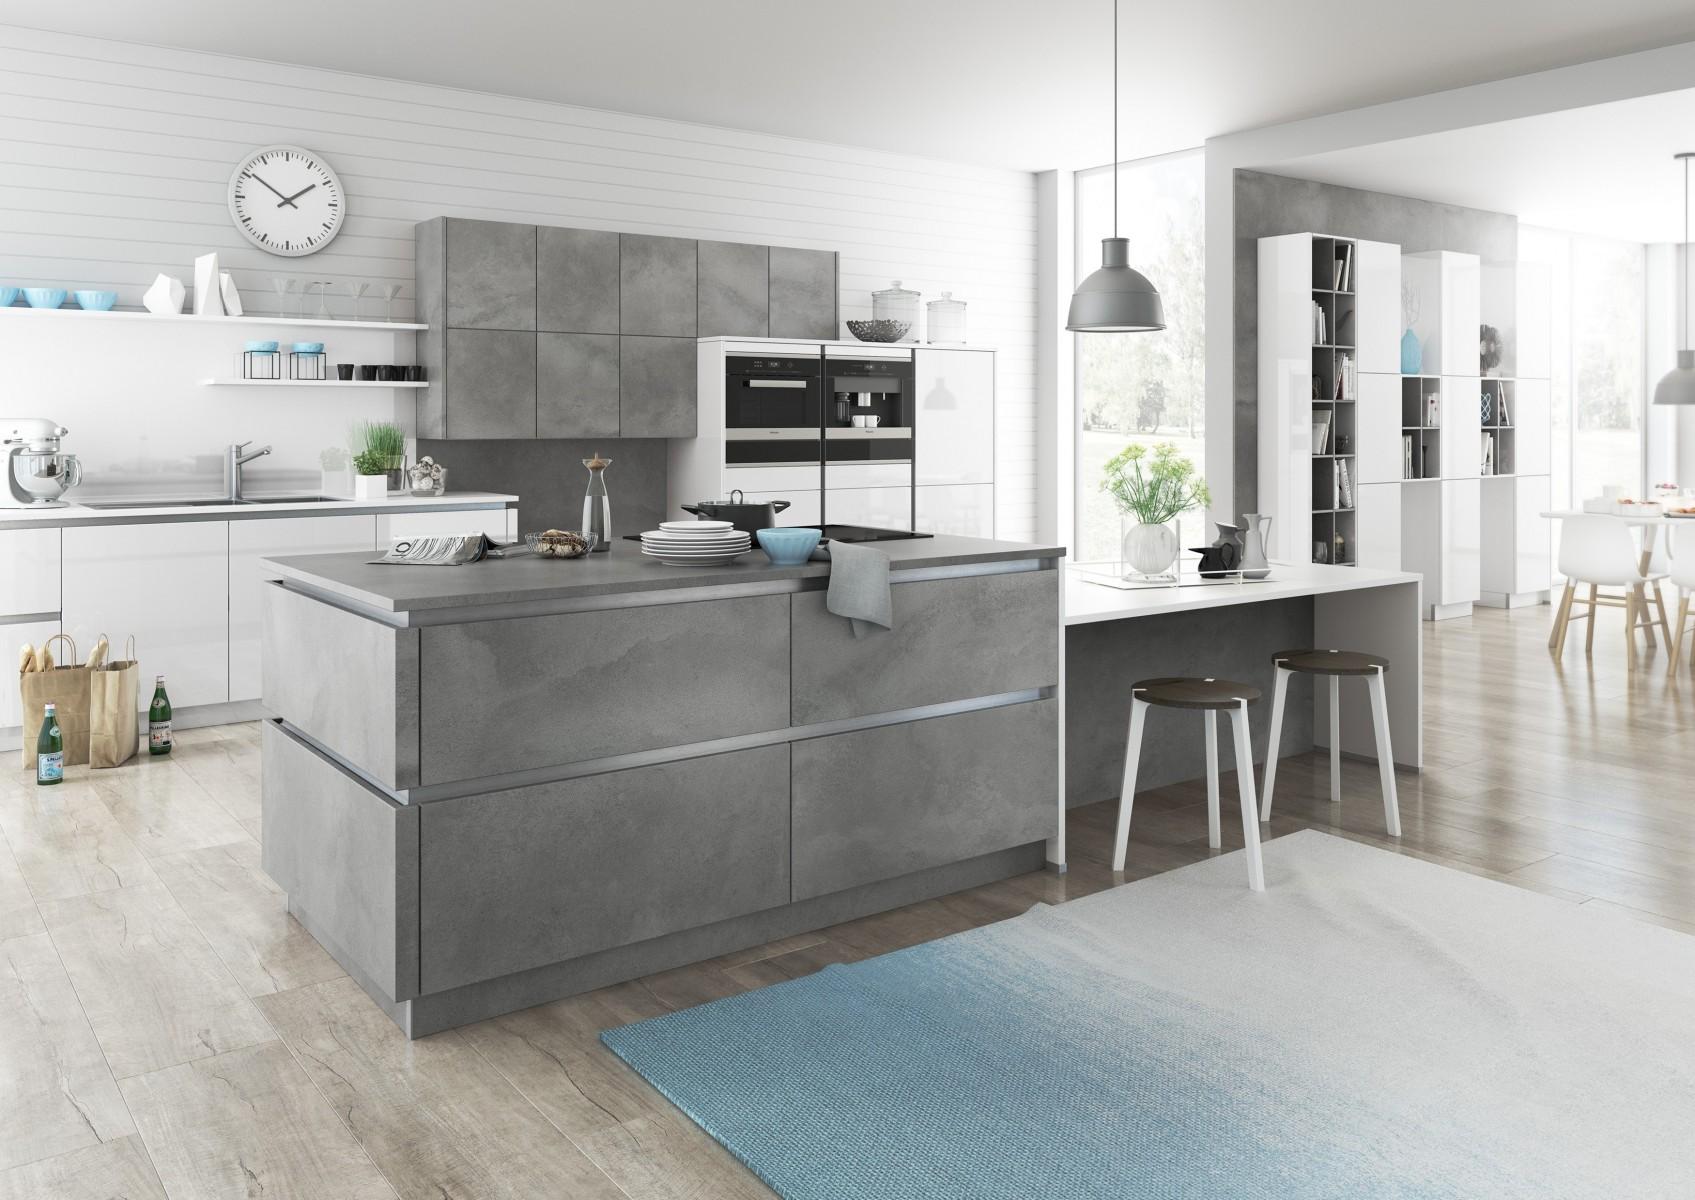 Artego Küche Beton